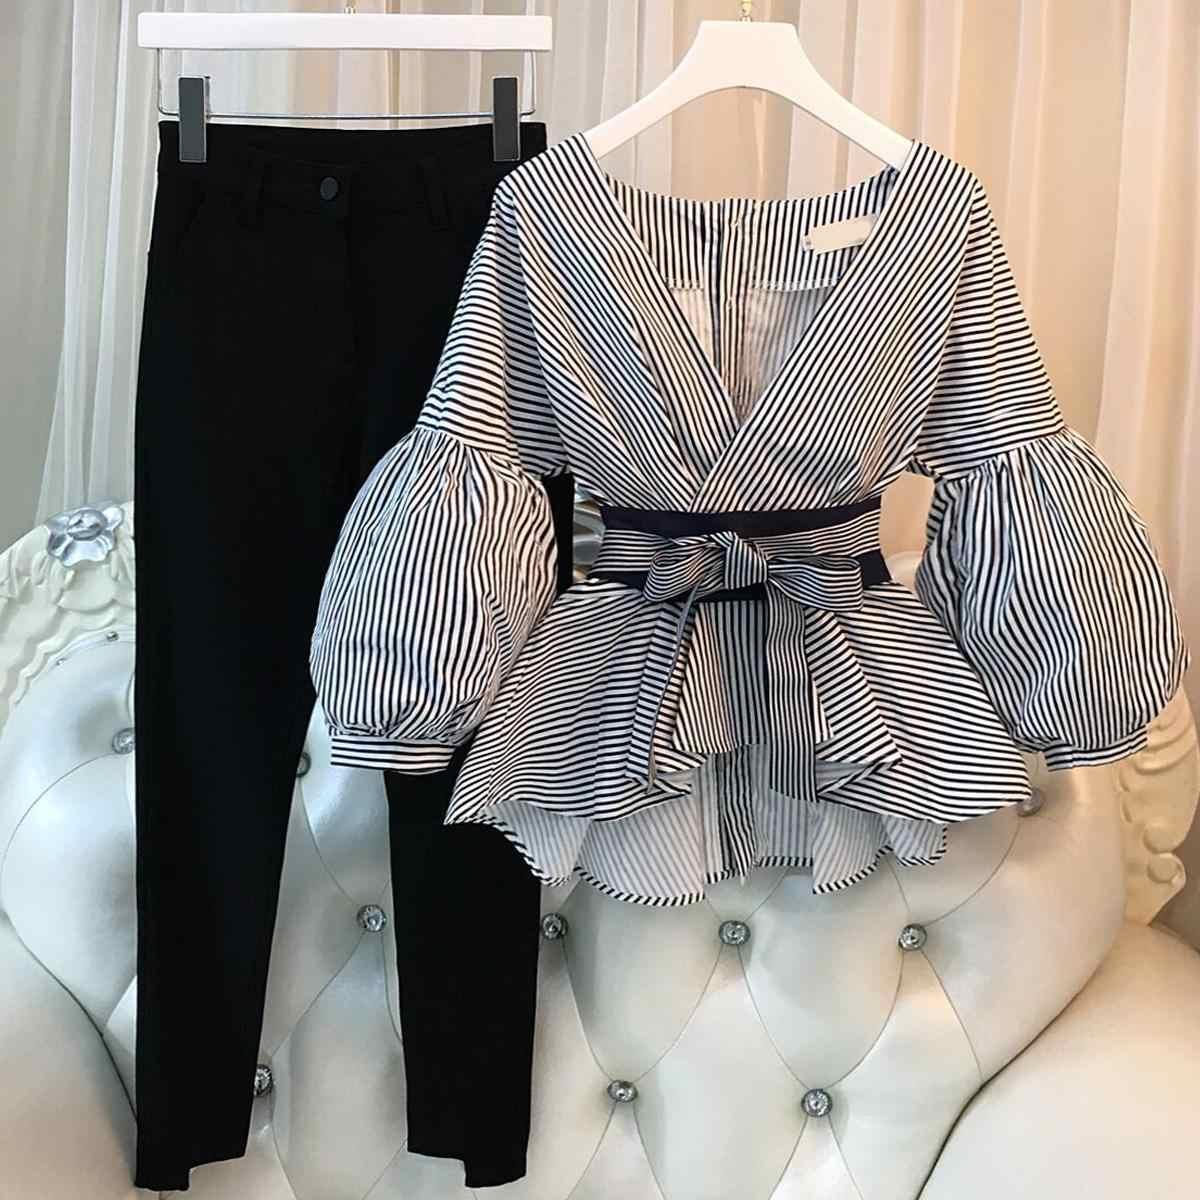 الأبوين وراثيا البريق Conjuntos Pantalon Y Blusa Elegantes Cmaptv Org